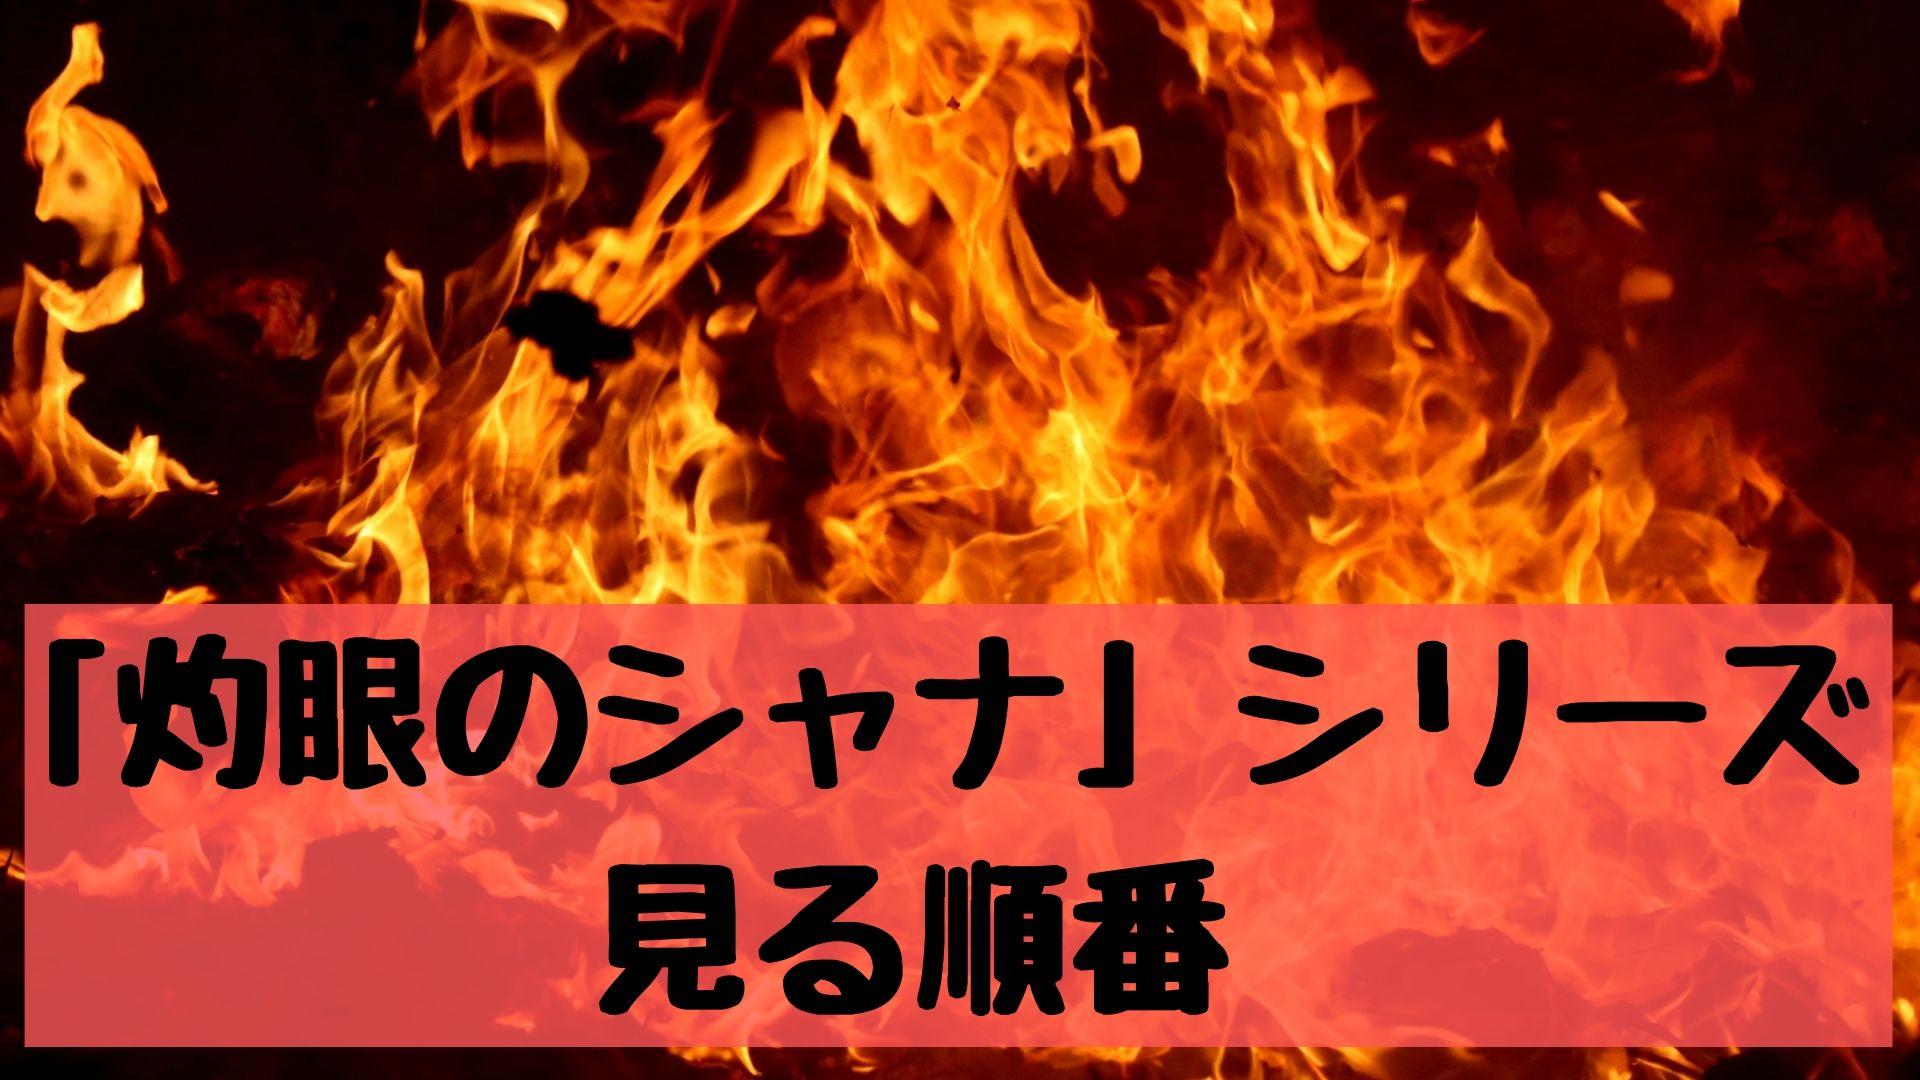 「灼眼のシャナ」を見る順番は?アニメ・劇場版・OVAなど各シリーズを解説